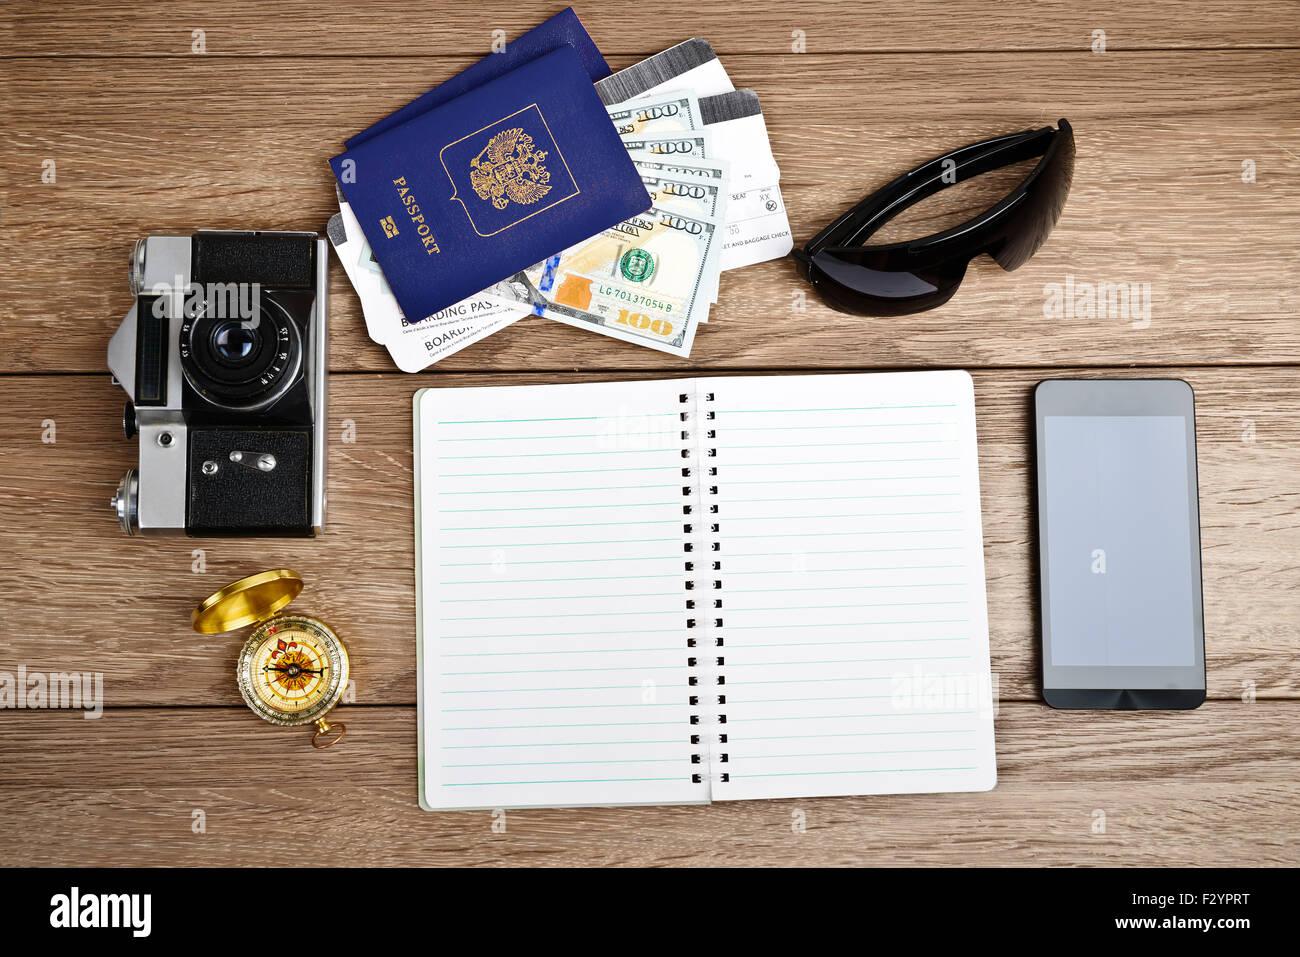 Les voyages d'affaires et tourisme concept: billets d'avion ou d'embarquement, les passeports, Photo Stock